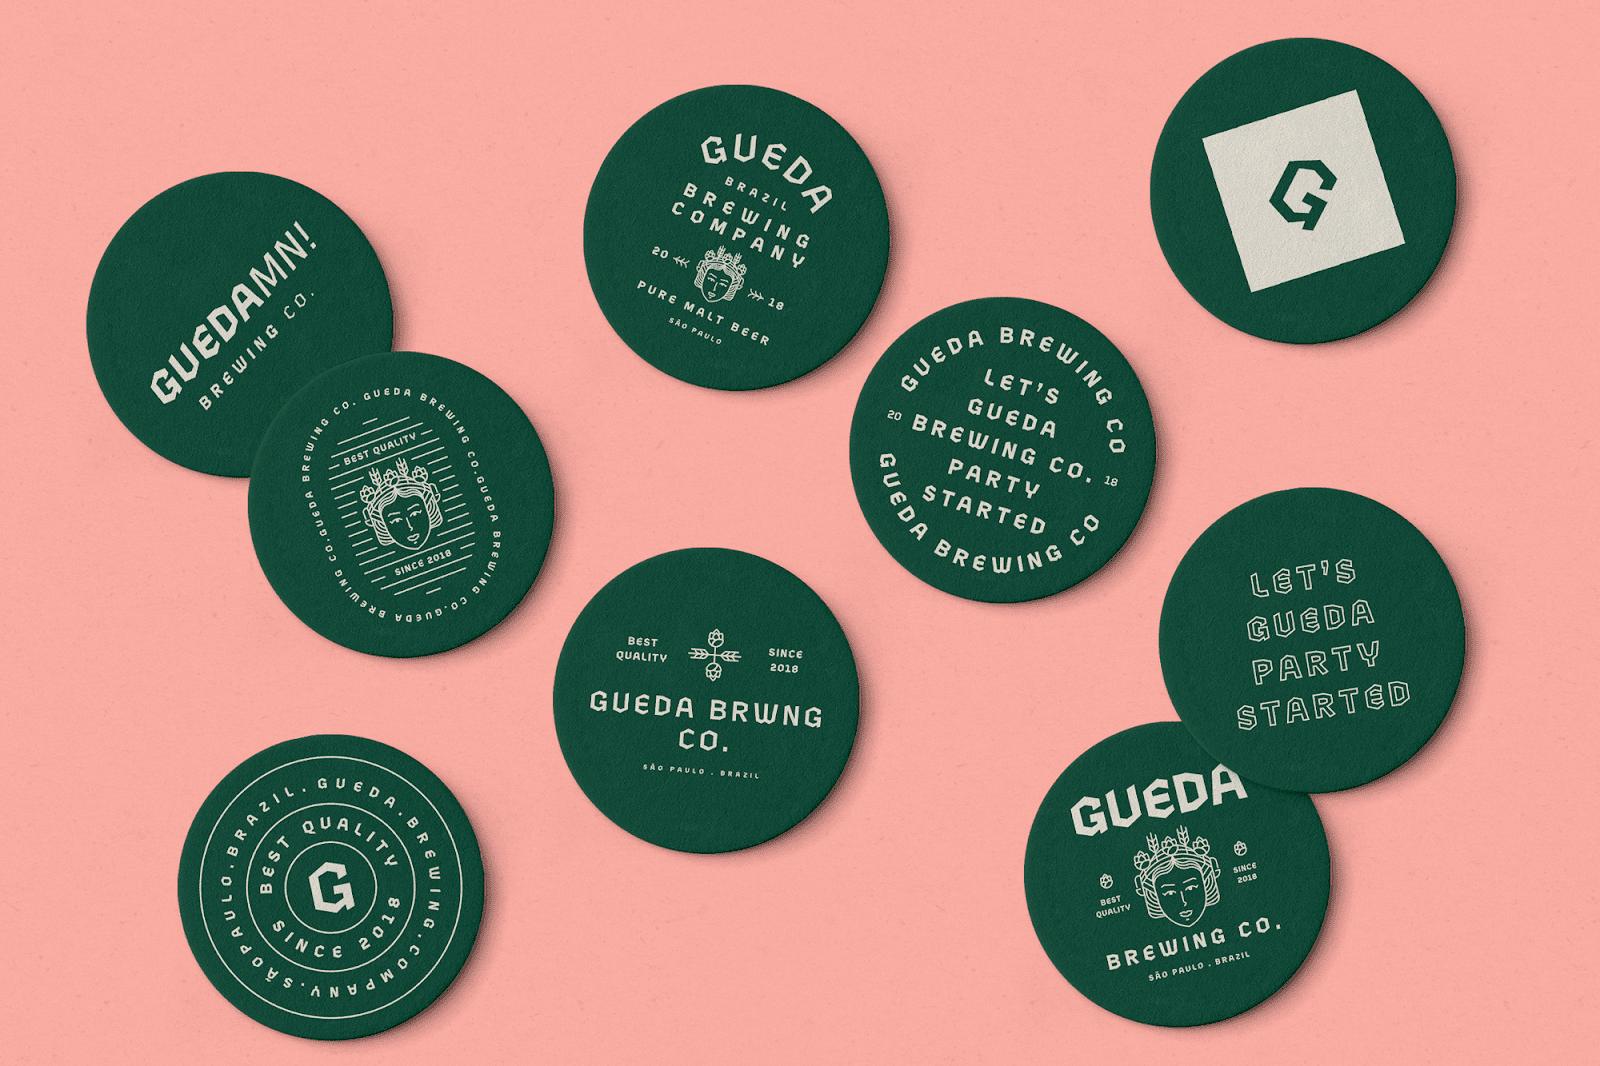 8 gueda - Ach, tie obaly – Gueda Brewing Co.